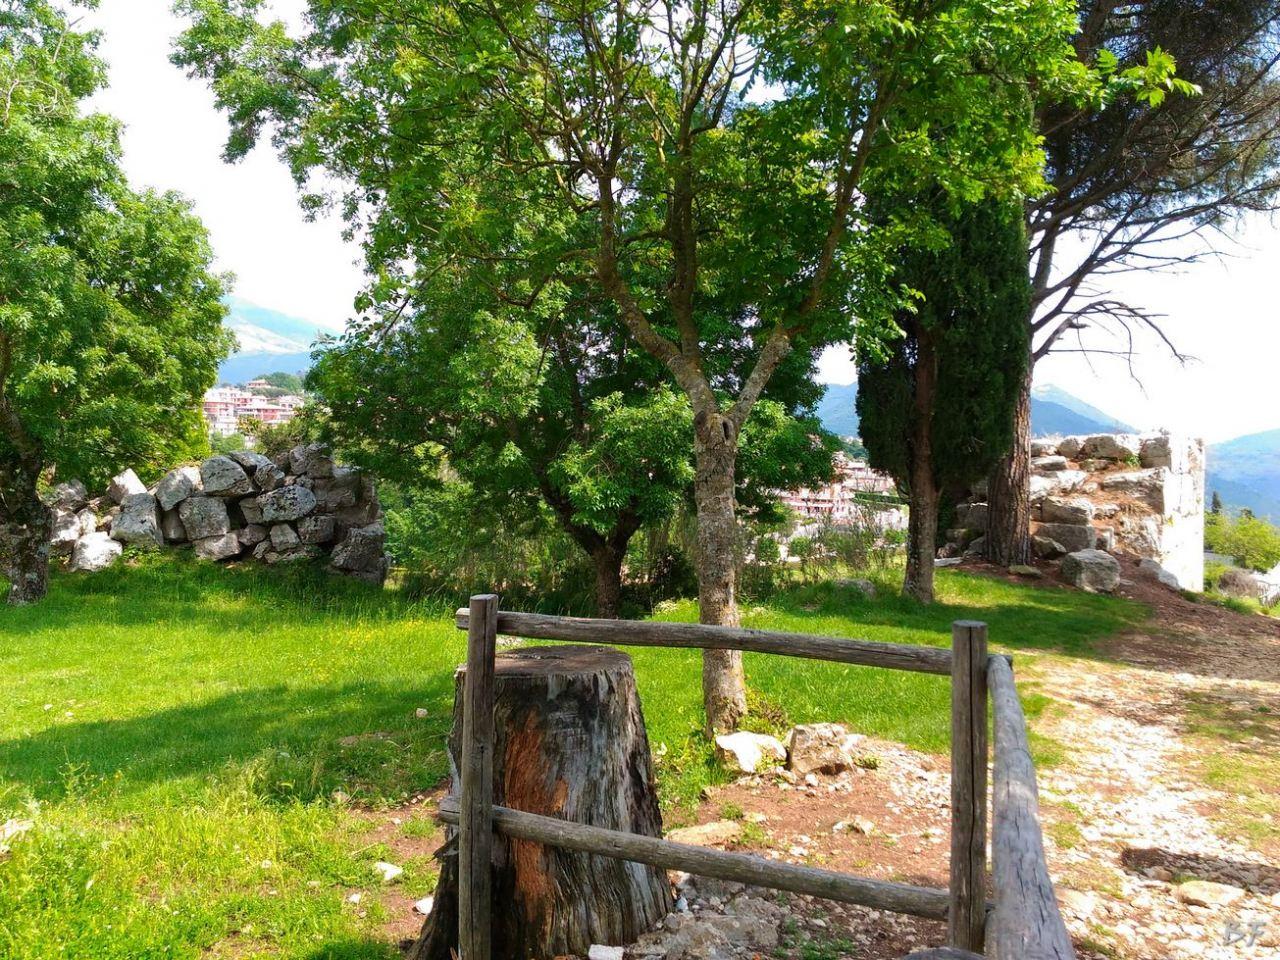 Norba-Mura-Megalitiche-Poligonali-Latina-Lazio-Italia-13